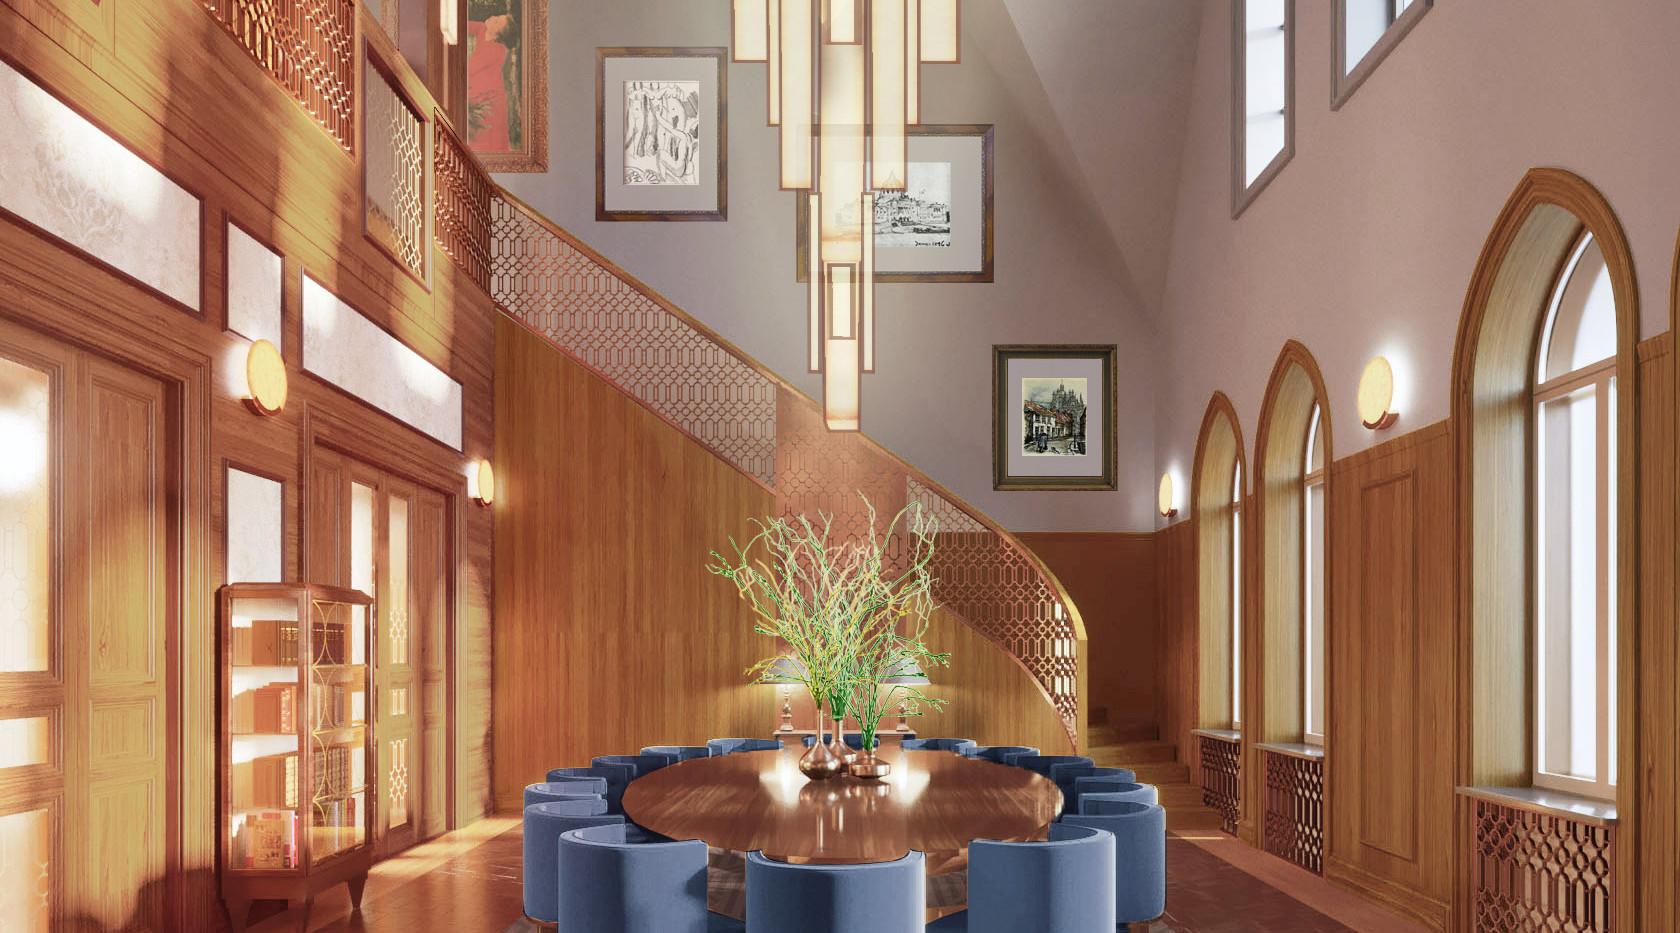 021-Balass-Balint-Demeter-Design-Studio-